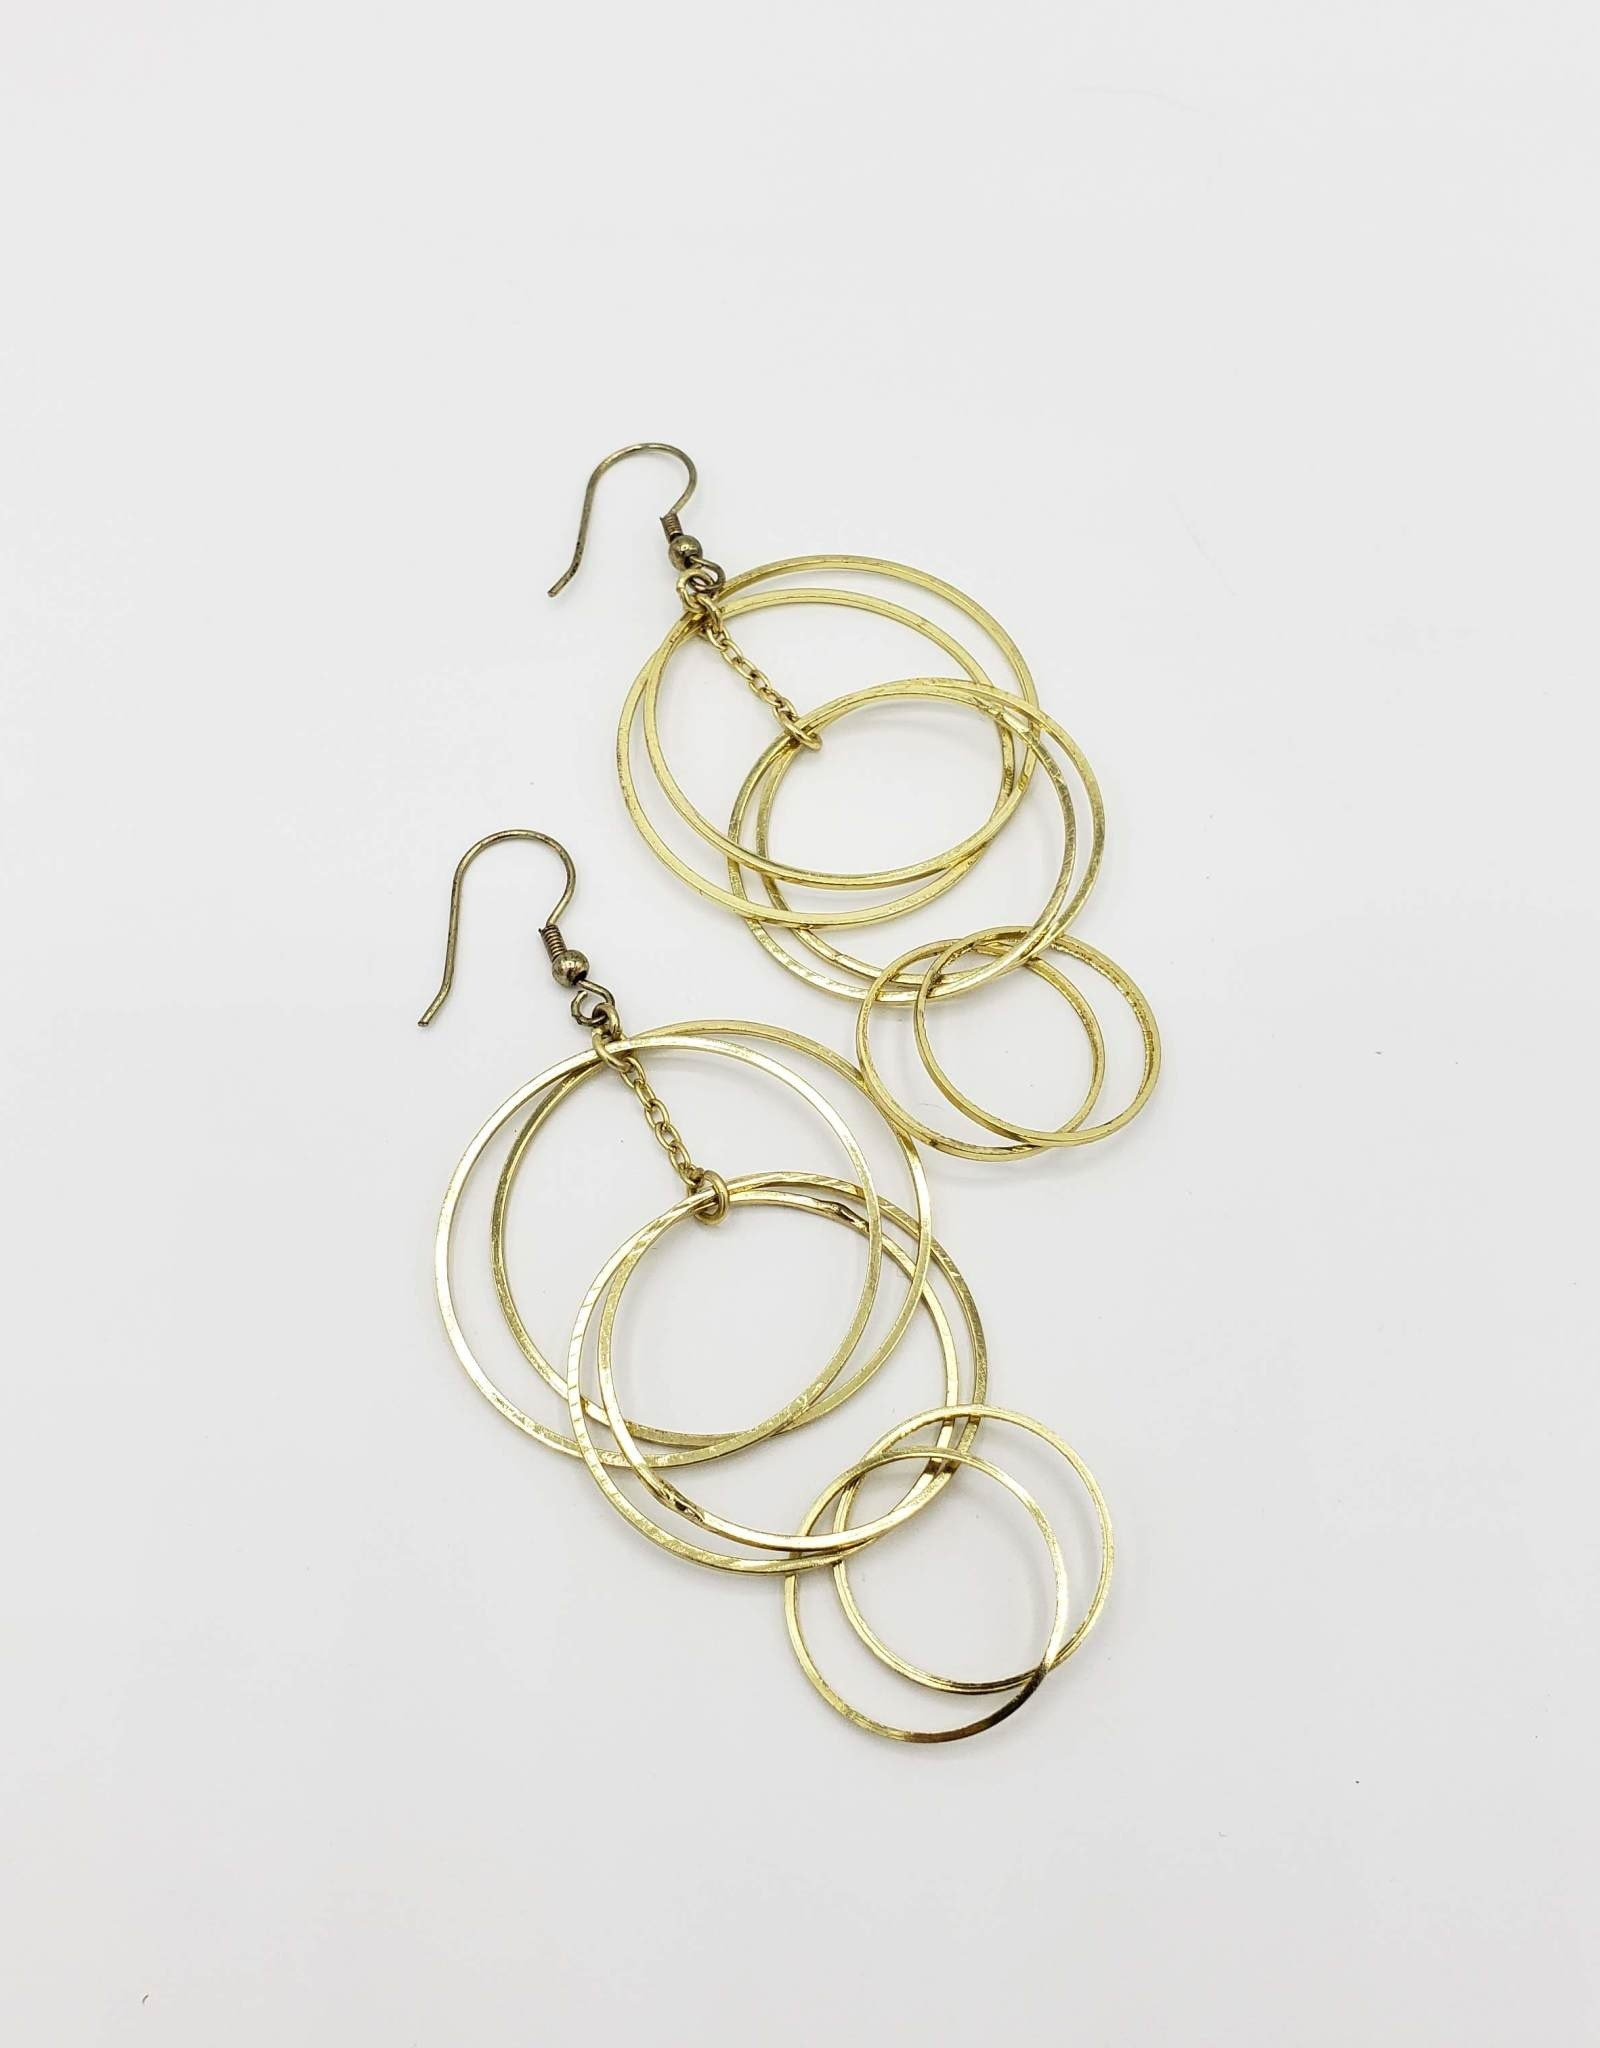 Mata Traders Loop di Loop Earrings Gold Plated